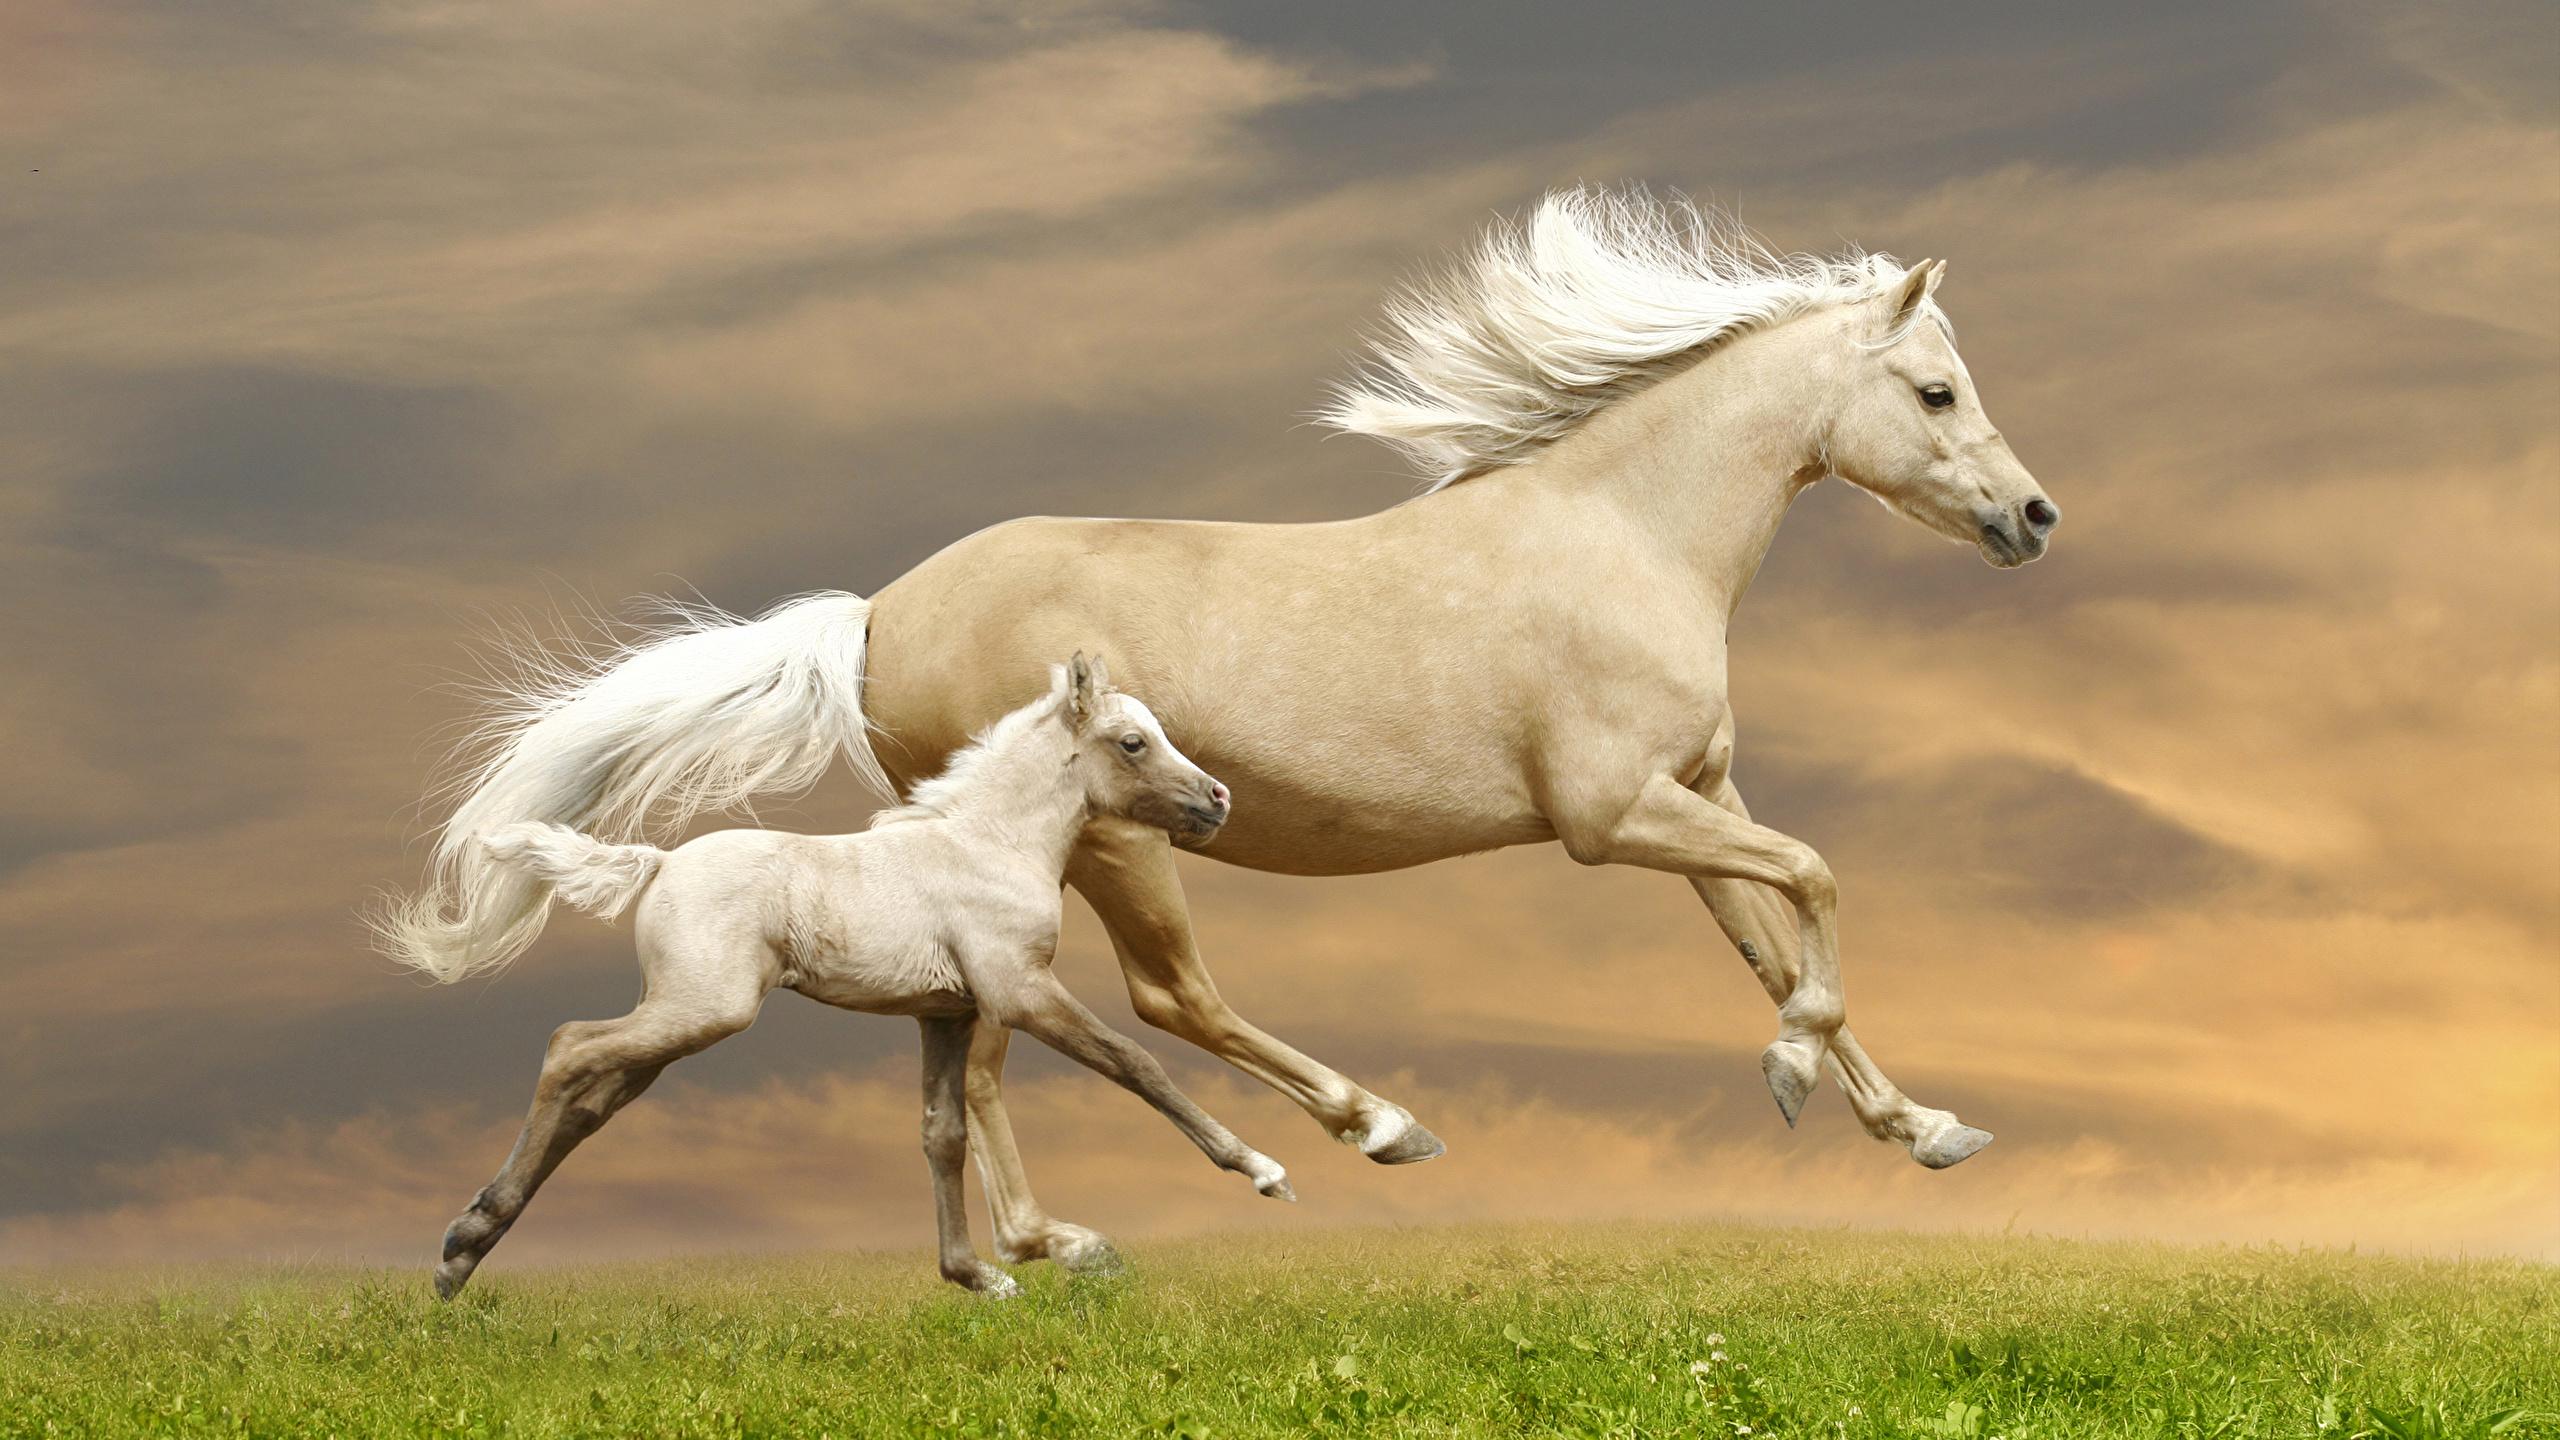 Скачать обои на рабочий стол про лошадей